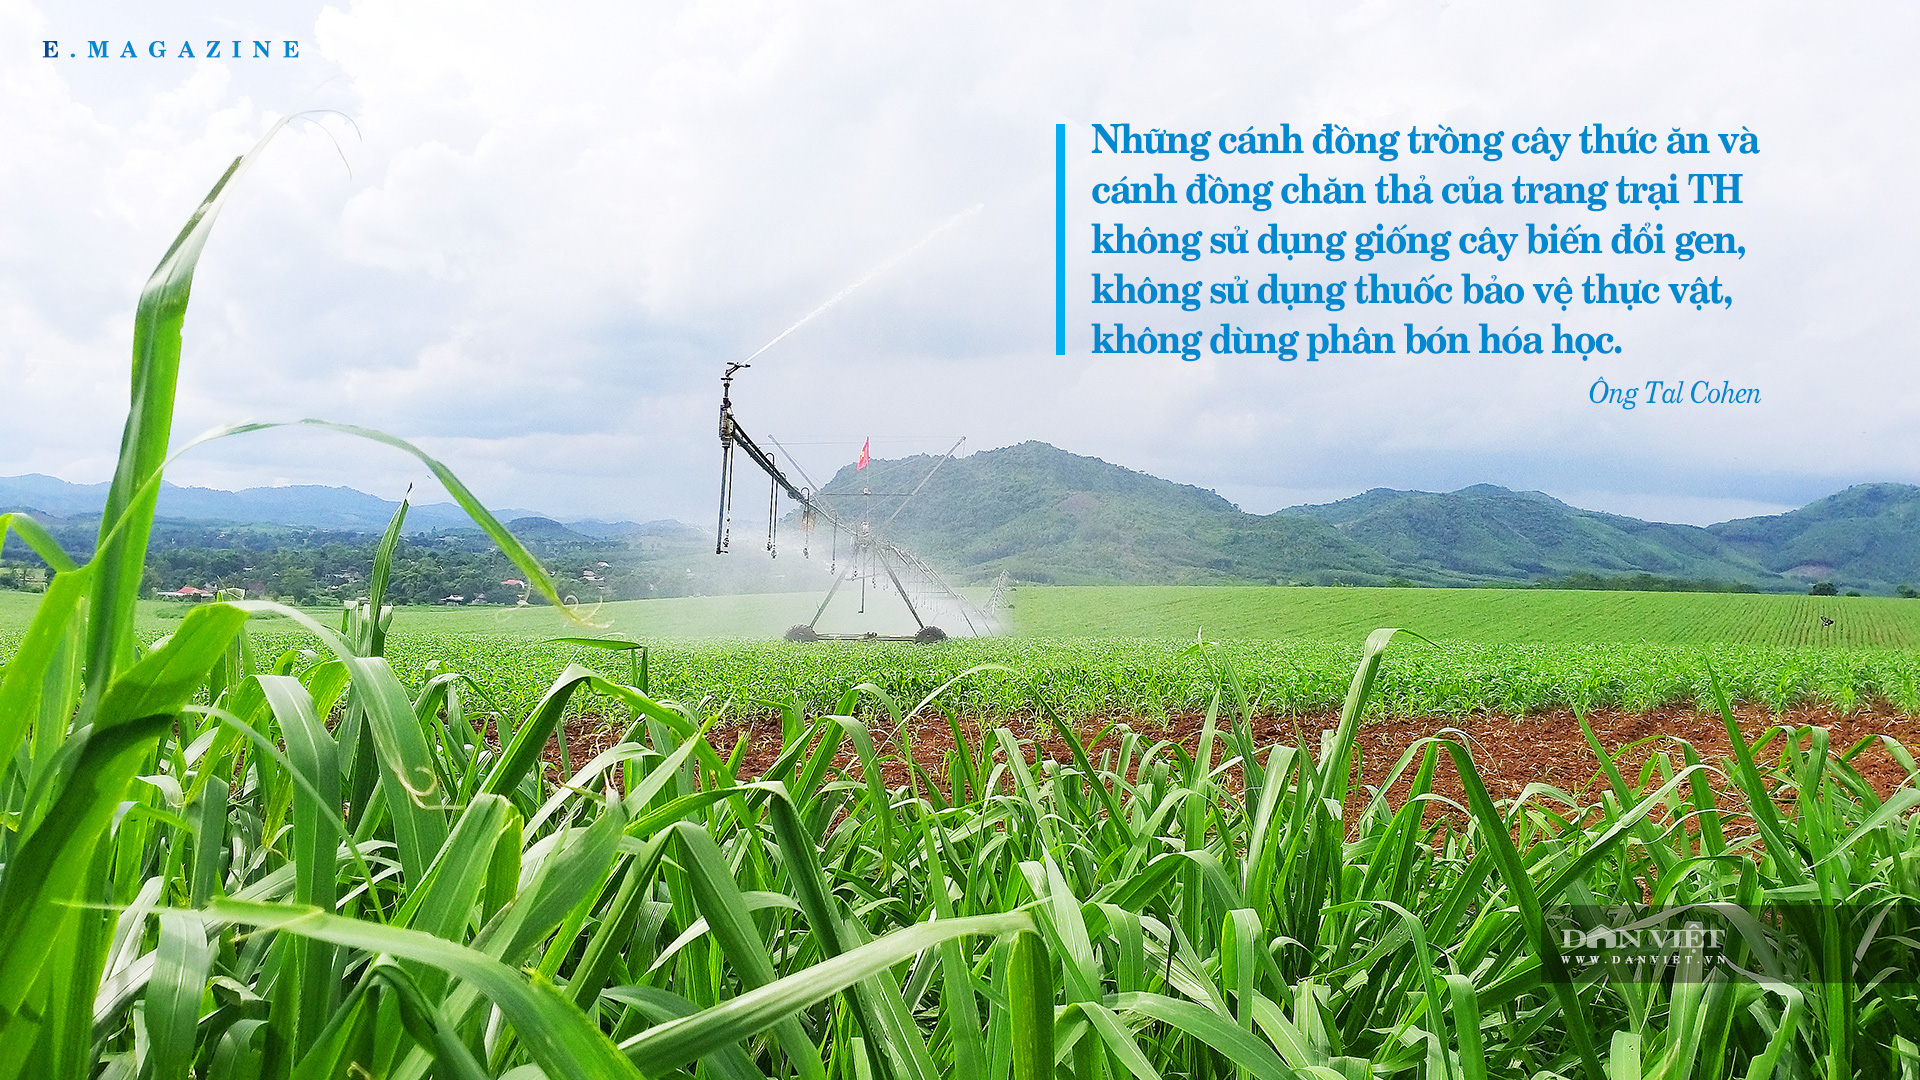 """Chủ tịch Hội Nông dân Việt Nam: Tập đoàn TH như """"chim đại bàng"""" đang vươn cánh ra thế giới - Ảnh 4."""